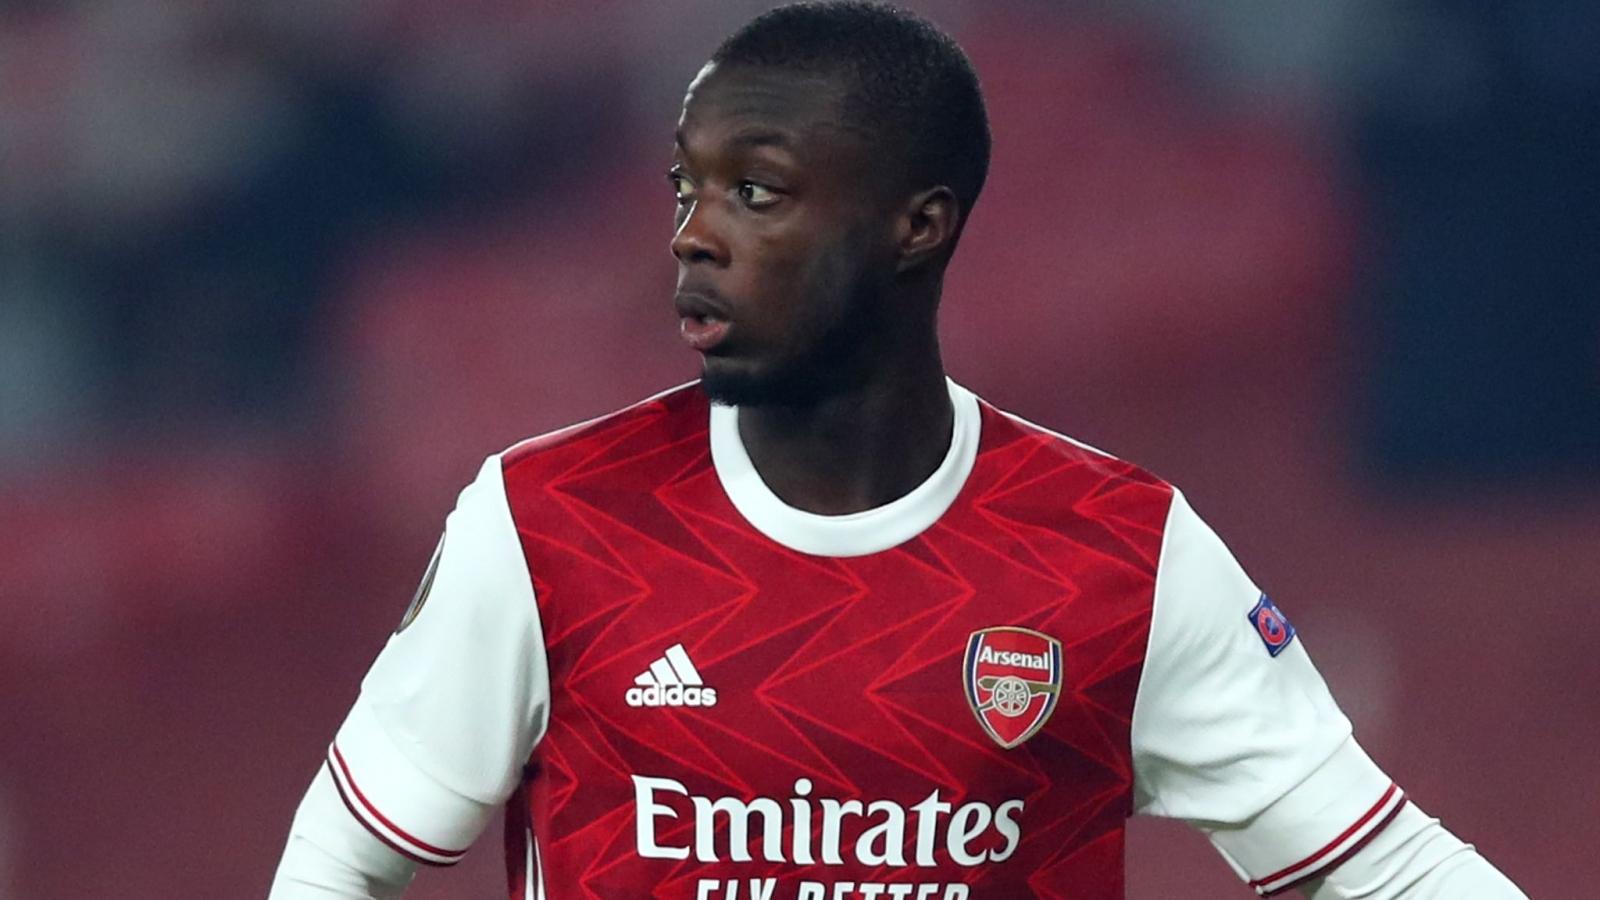 Cầu thủ đắt giá nhất lịch sử Arsenal bức xúc khi không được thi đấu thường xuyên